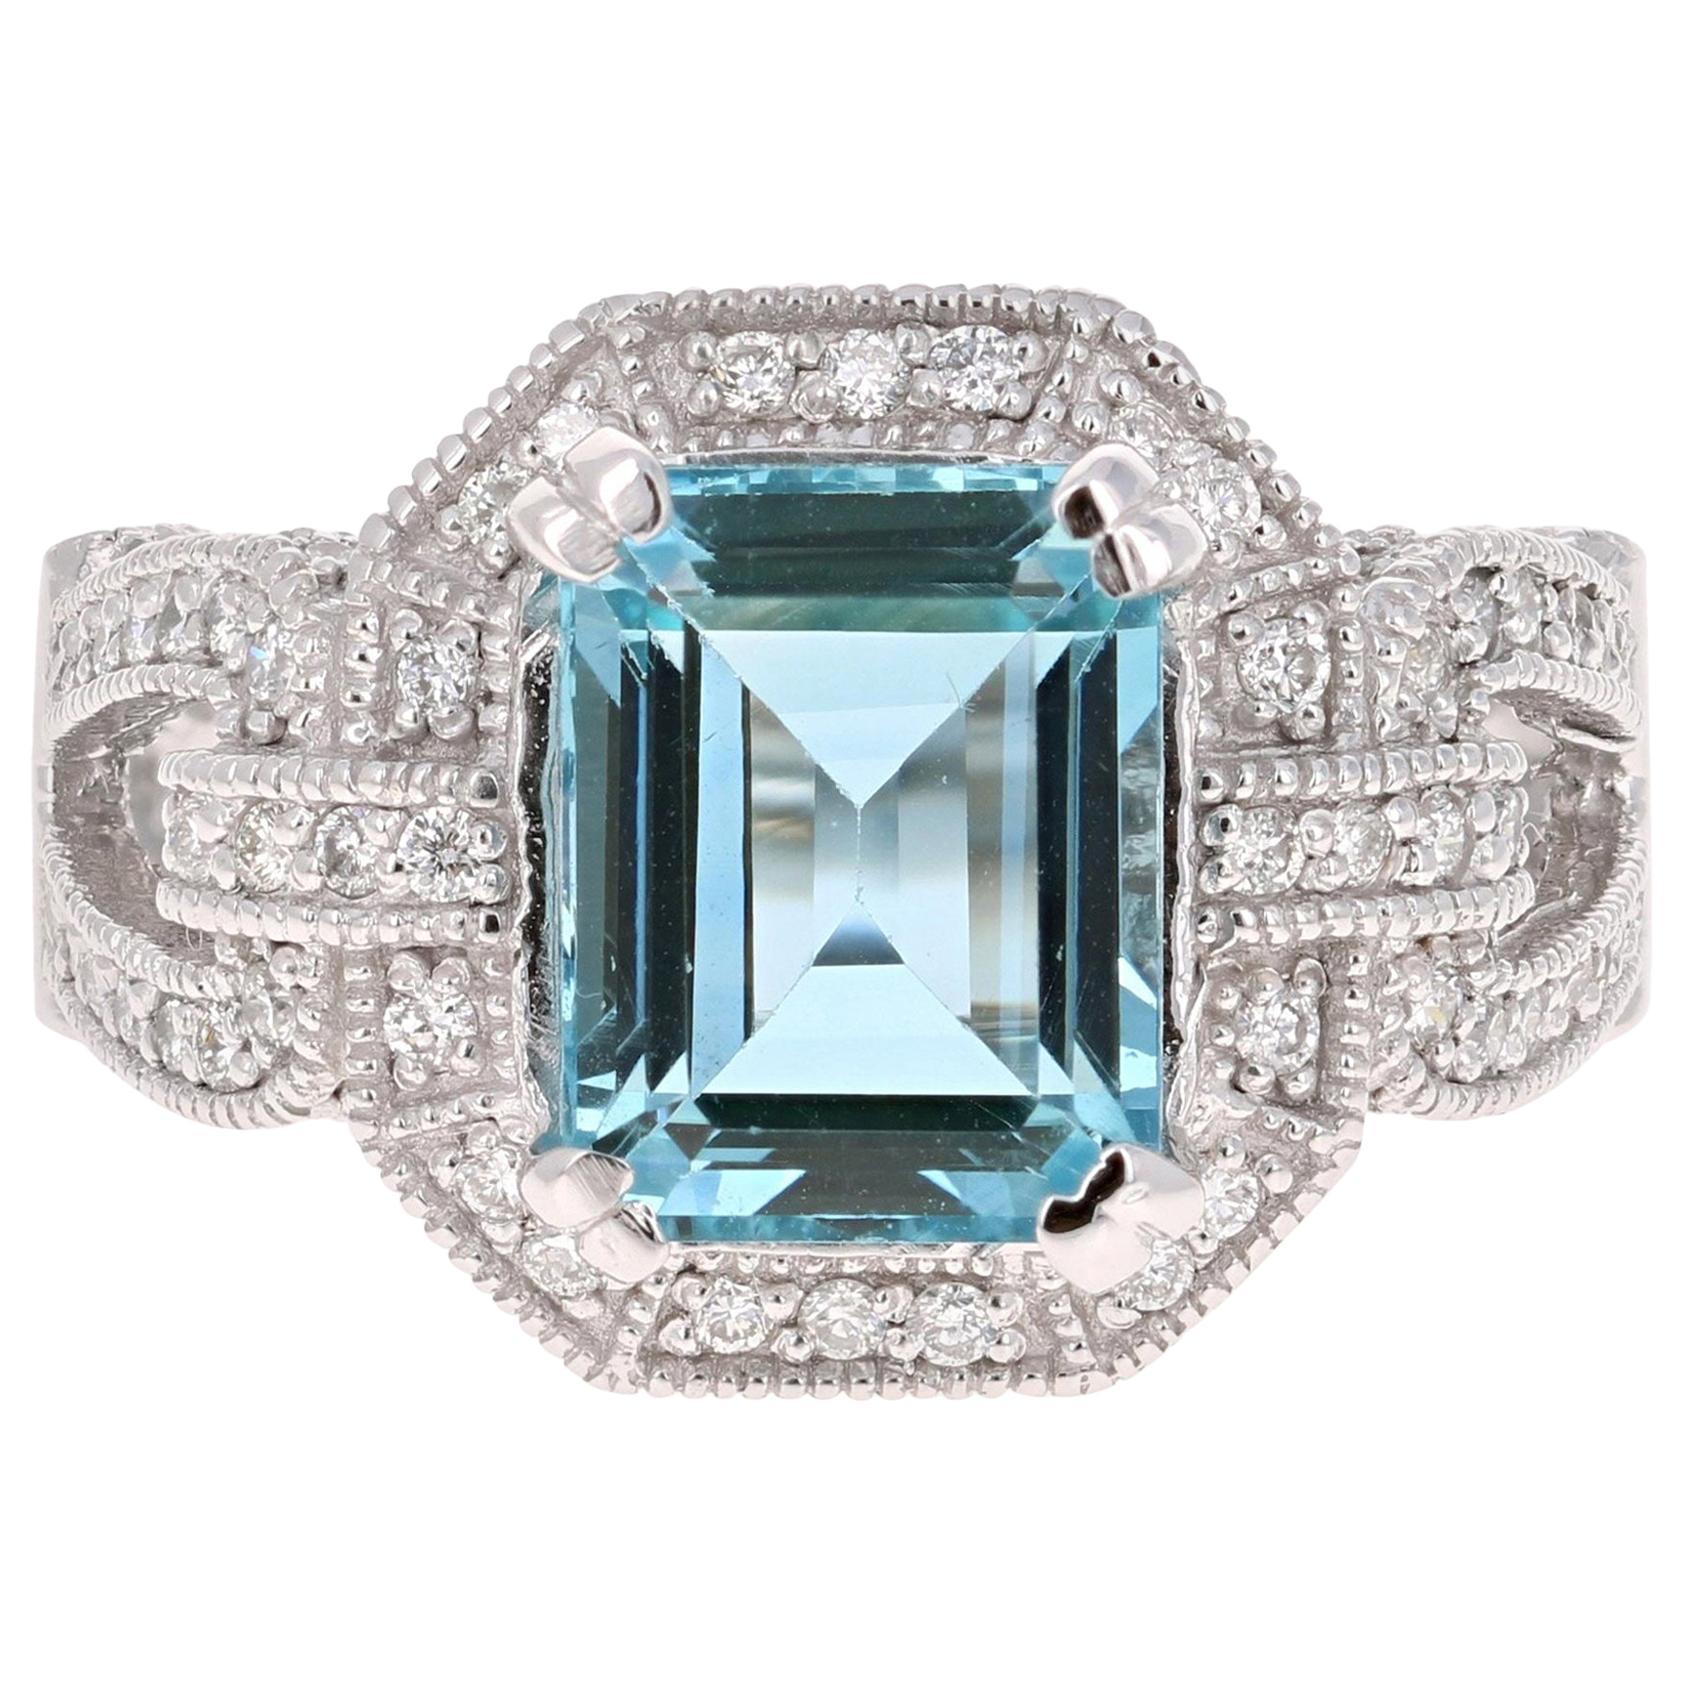 6.05 Carat Aquamarine Diamond14 Karat White Gold Cocktail Ring